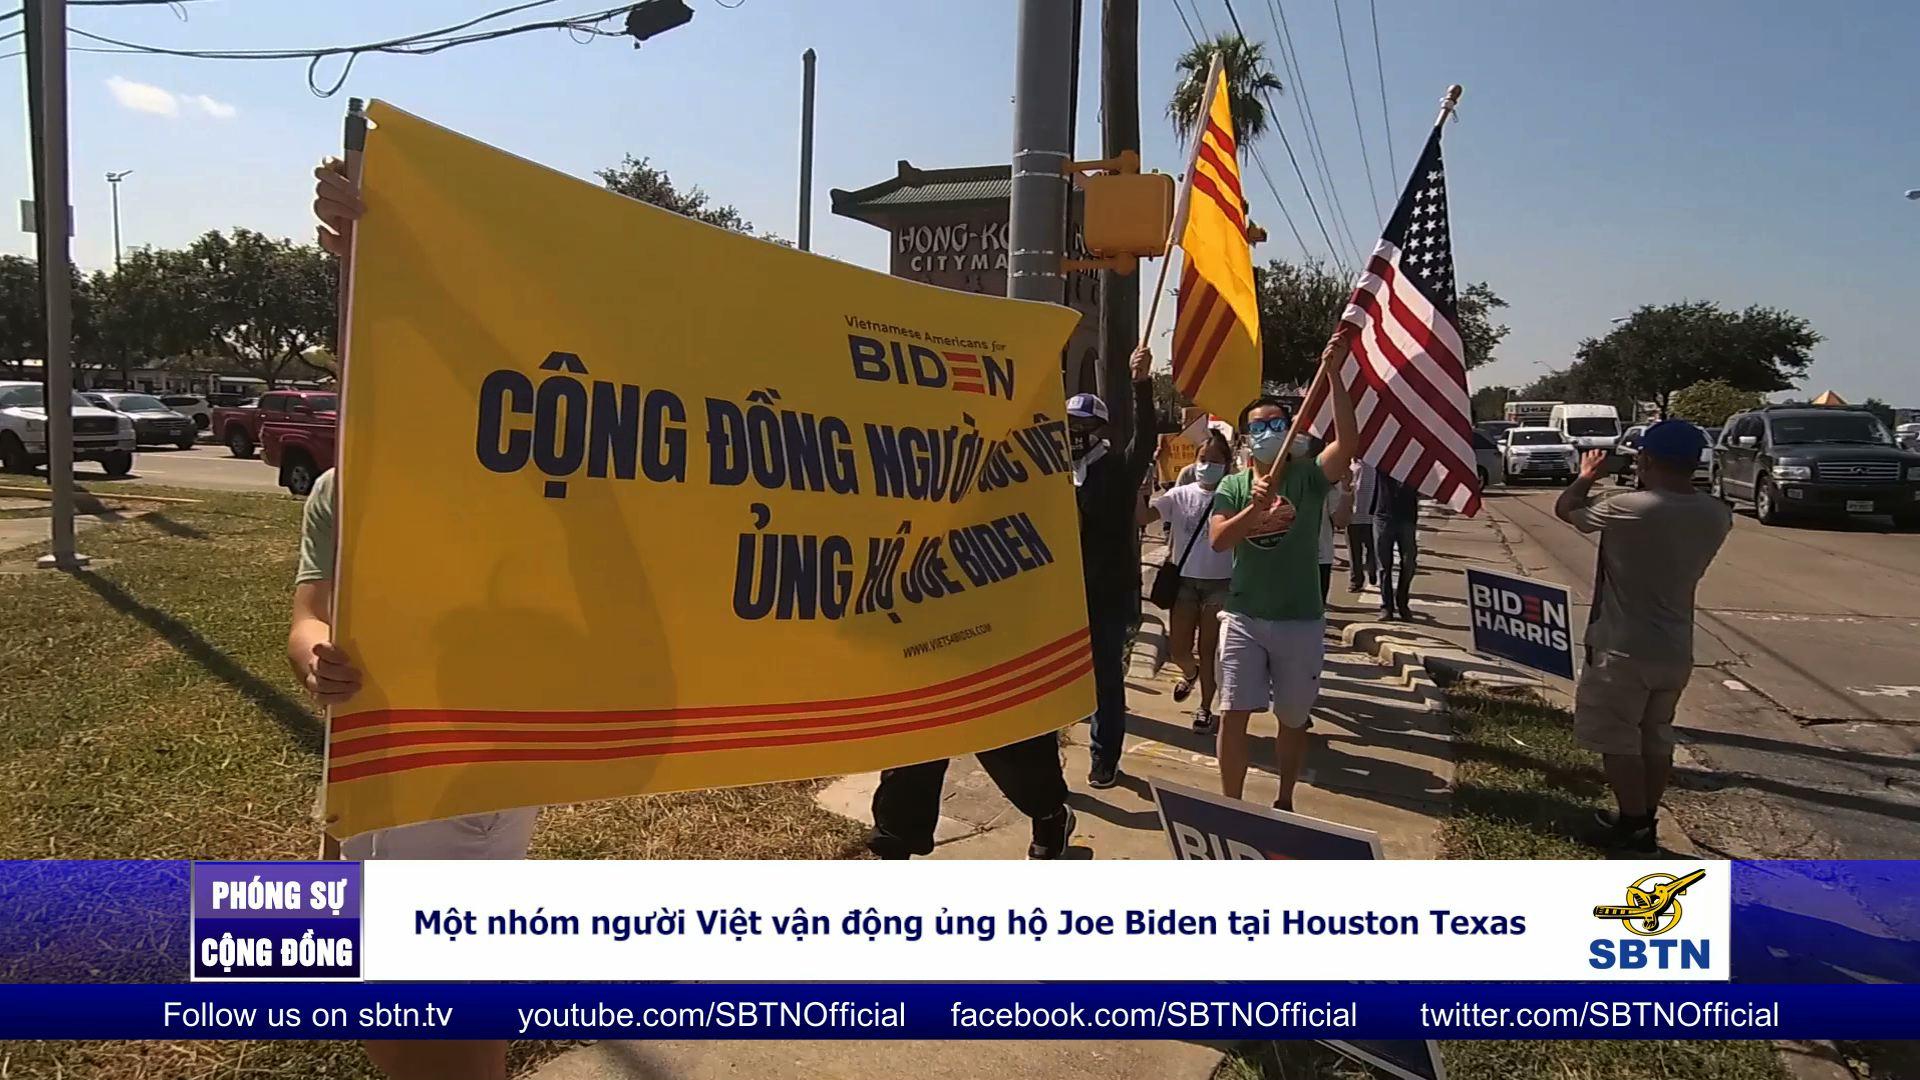 Cử tri châu Á hướng về ông Joe Biden trong một cuộc tuần hành tại khu vực Tây Nam Houston